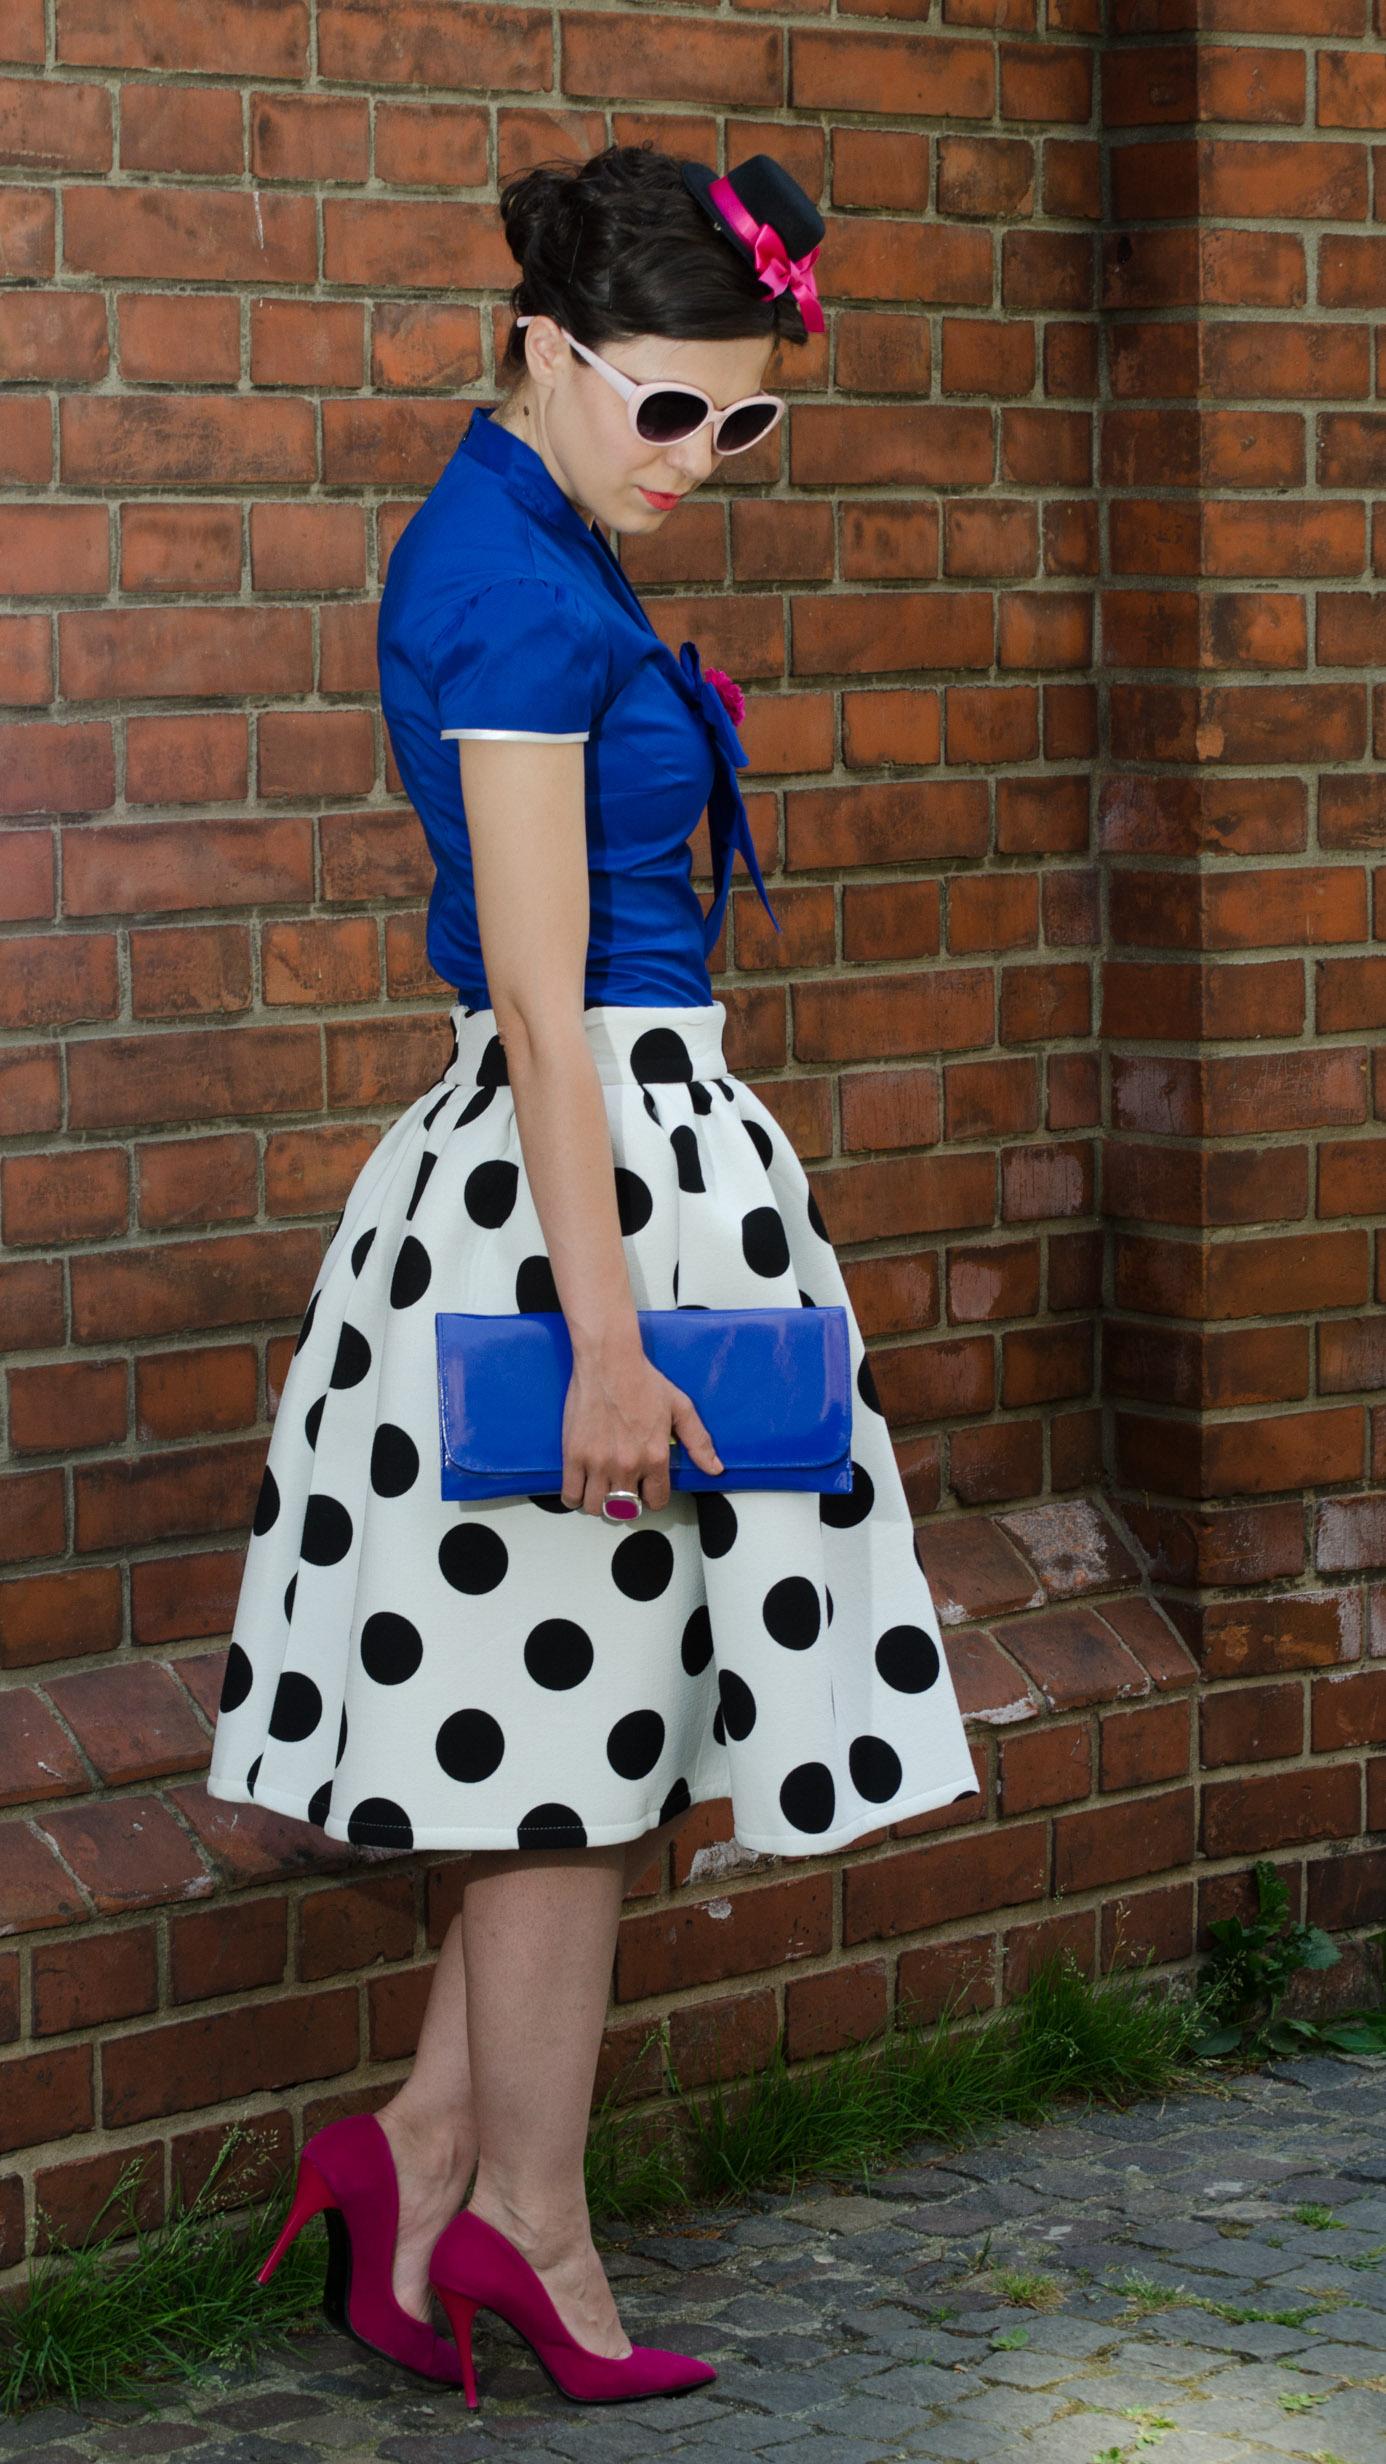 sheinside skirt big dots blue shirt fuchsia heels little topper hat clutch pink glasses wedding attire